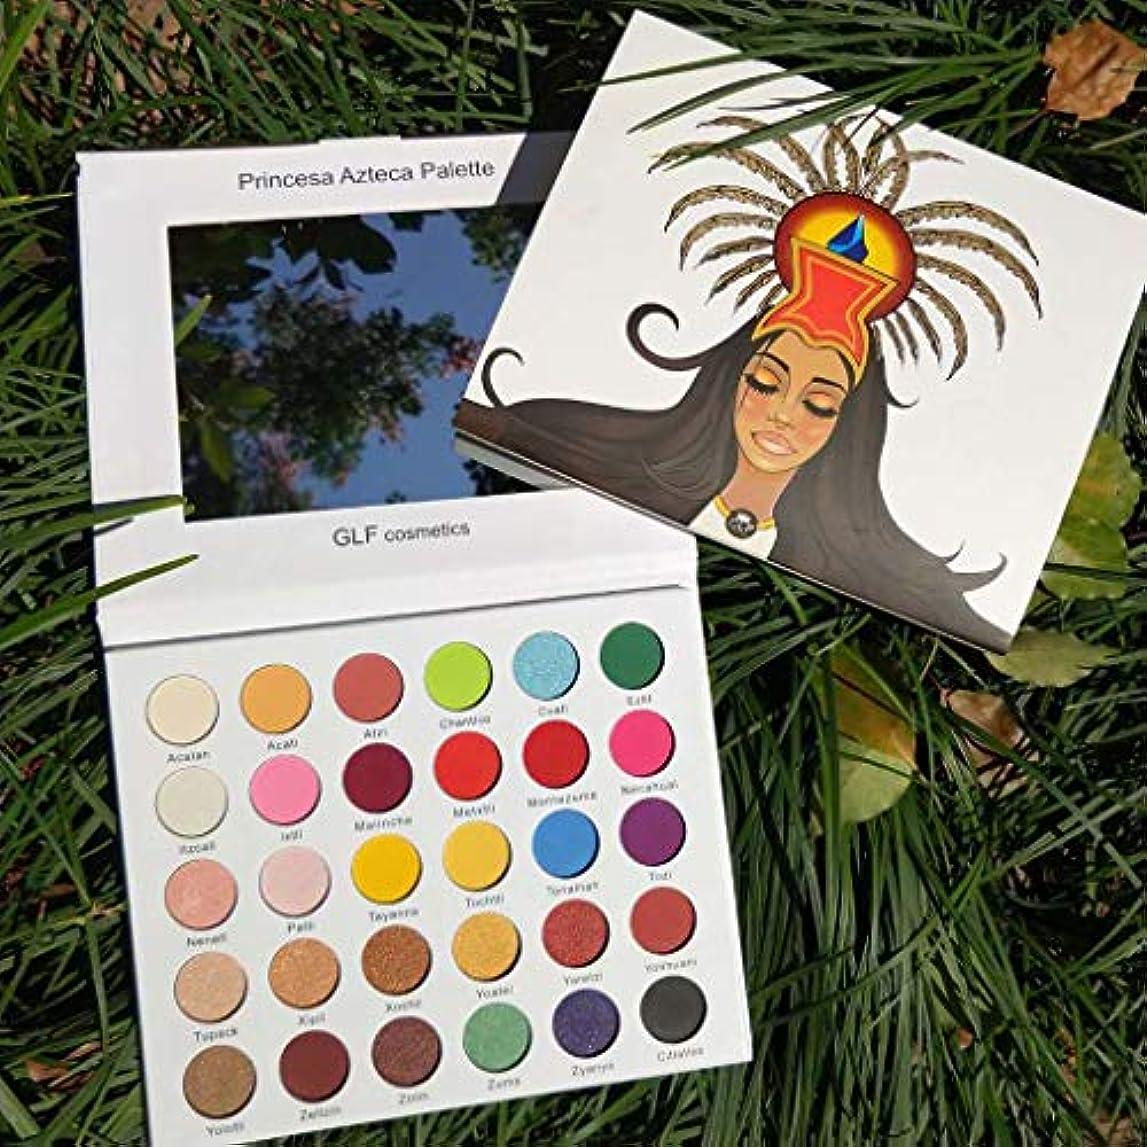 アクセント準備した見えるAkane アイシャドウパレット 超綺麗 アステカの王女 マット ファッション おしゃれ キラキラ つや消し 人気 長持ち 持ち便利 Eye Shadow (30色)